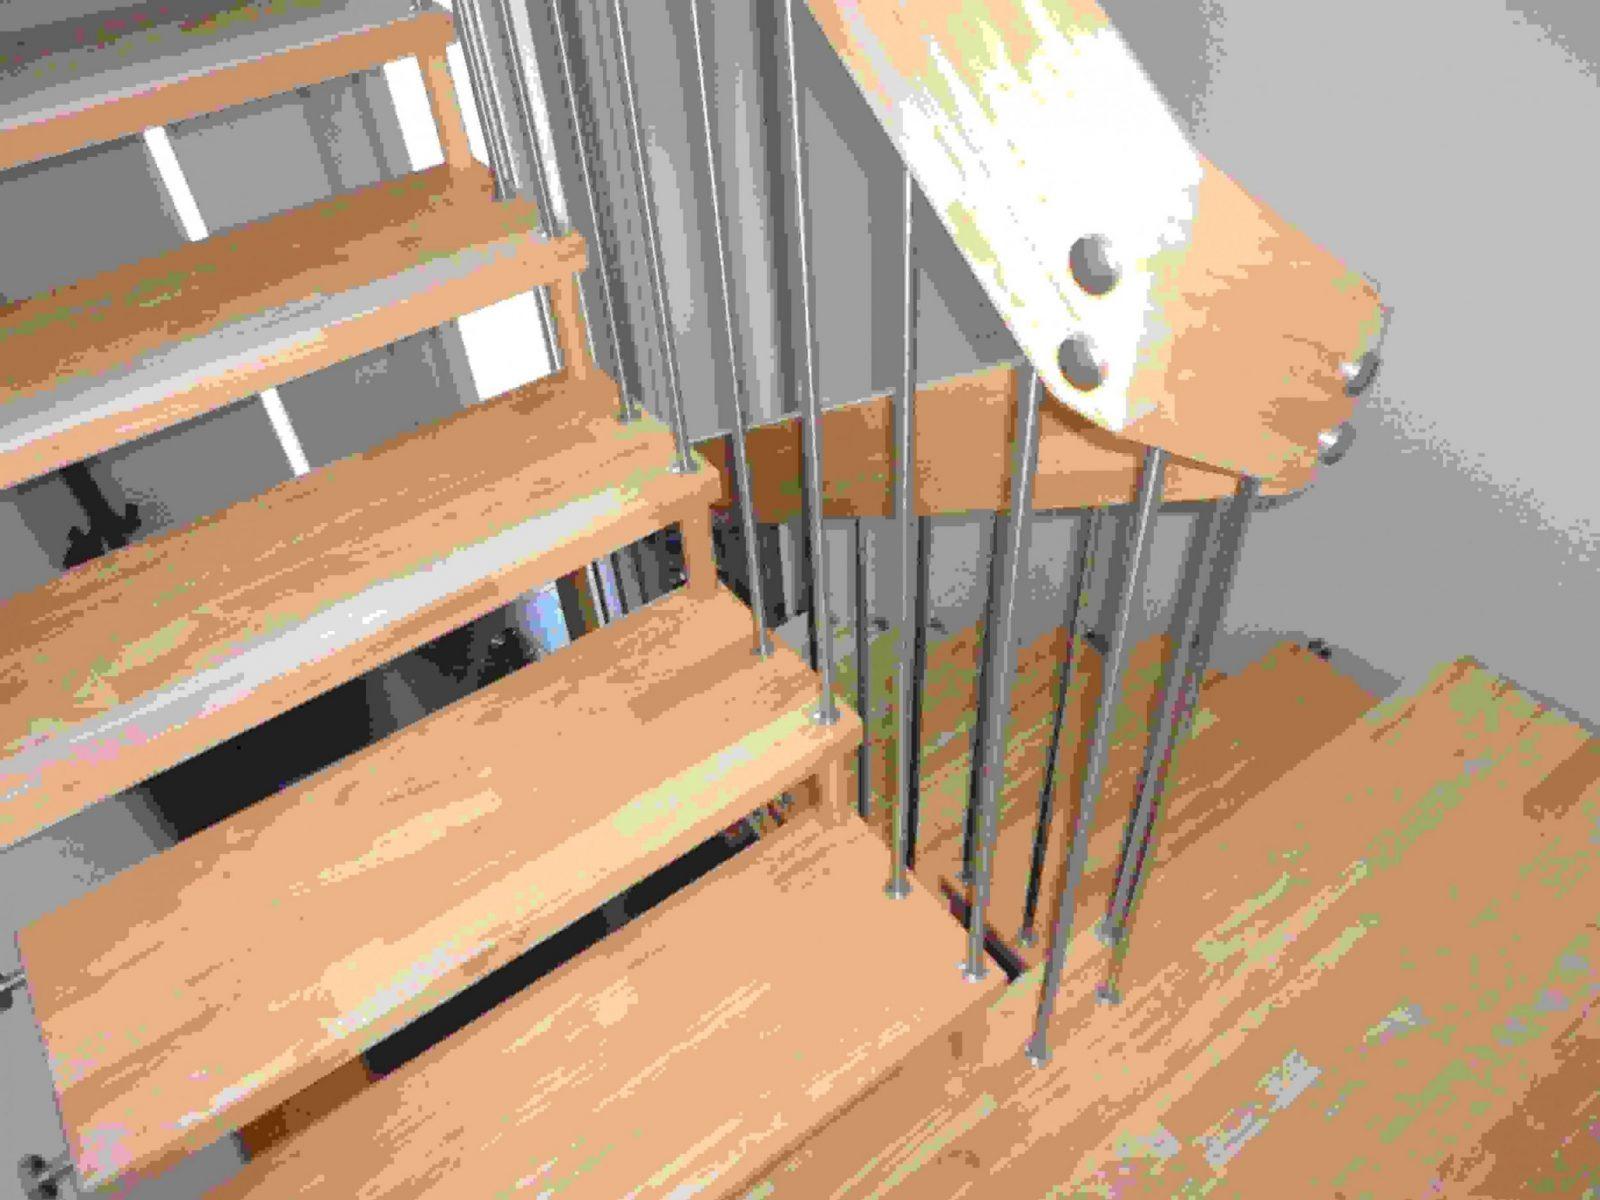 52 Frisch Für Garten Hexenhaus Selber Bauen Konzept von Treppe Holz Selber Bauen Bild